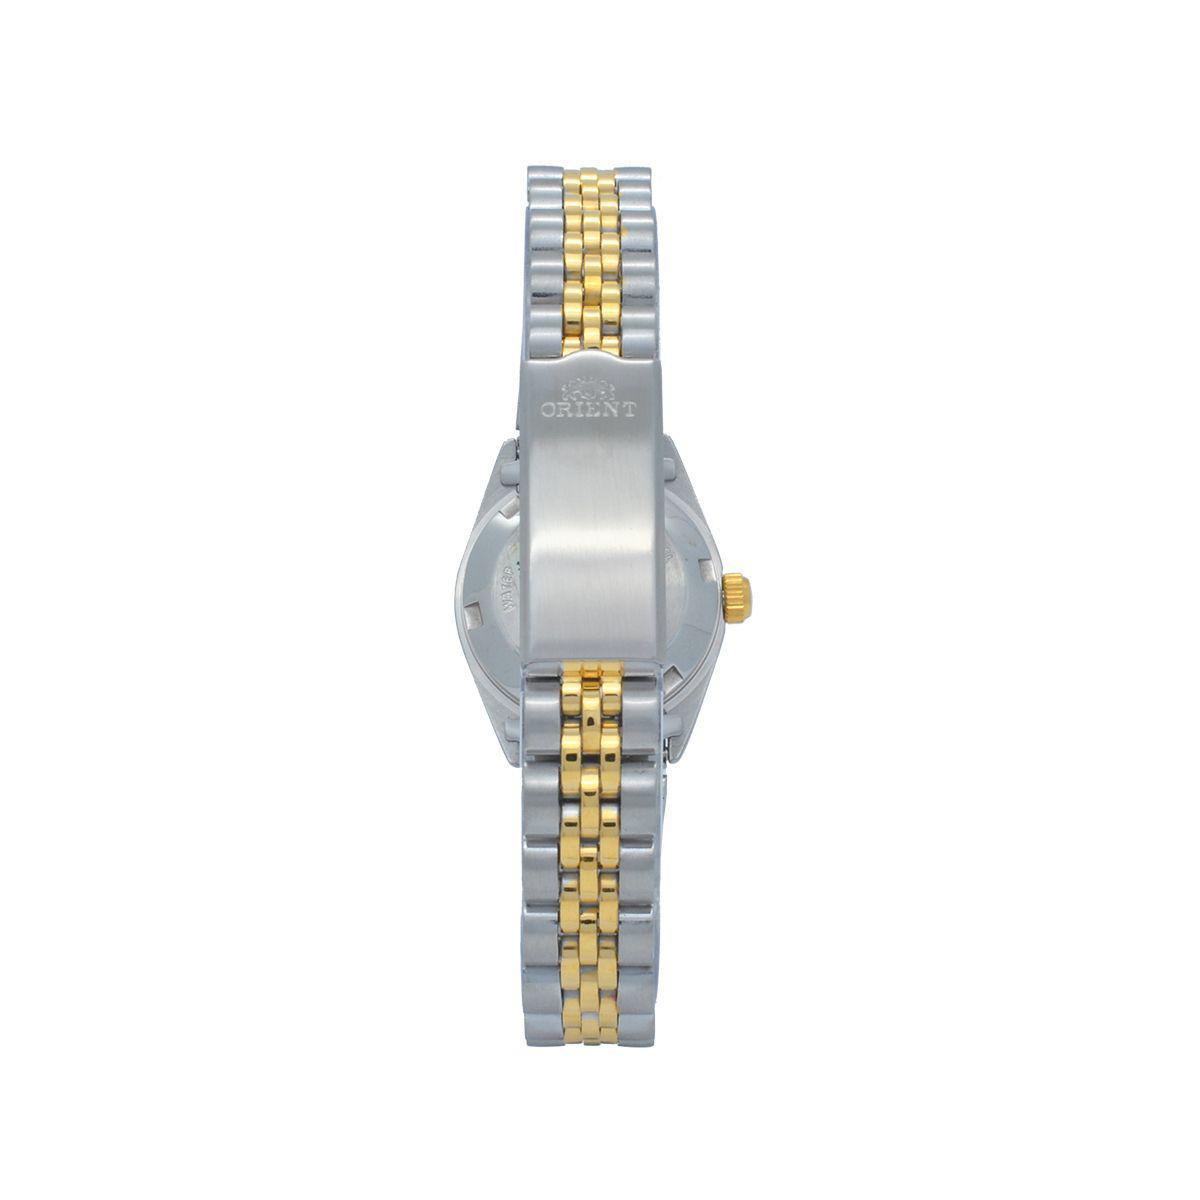 Relógio de Pulso Orient Automático Feminino Misto Crystal 559EB3X - Dourado  e Prata R  723,00 à vista. Adicionar à sacola f3d6c36a9f